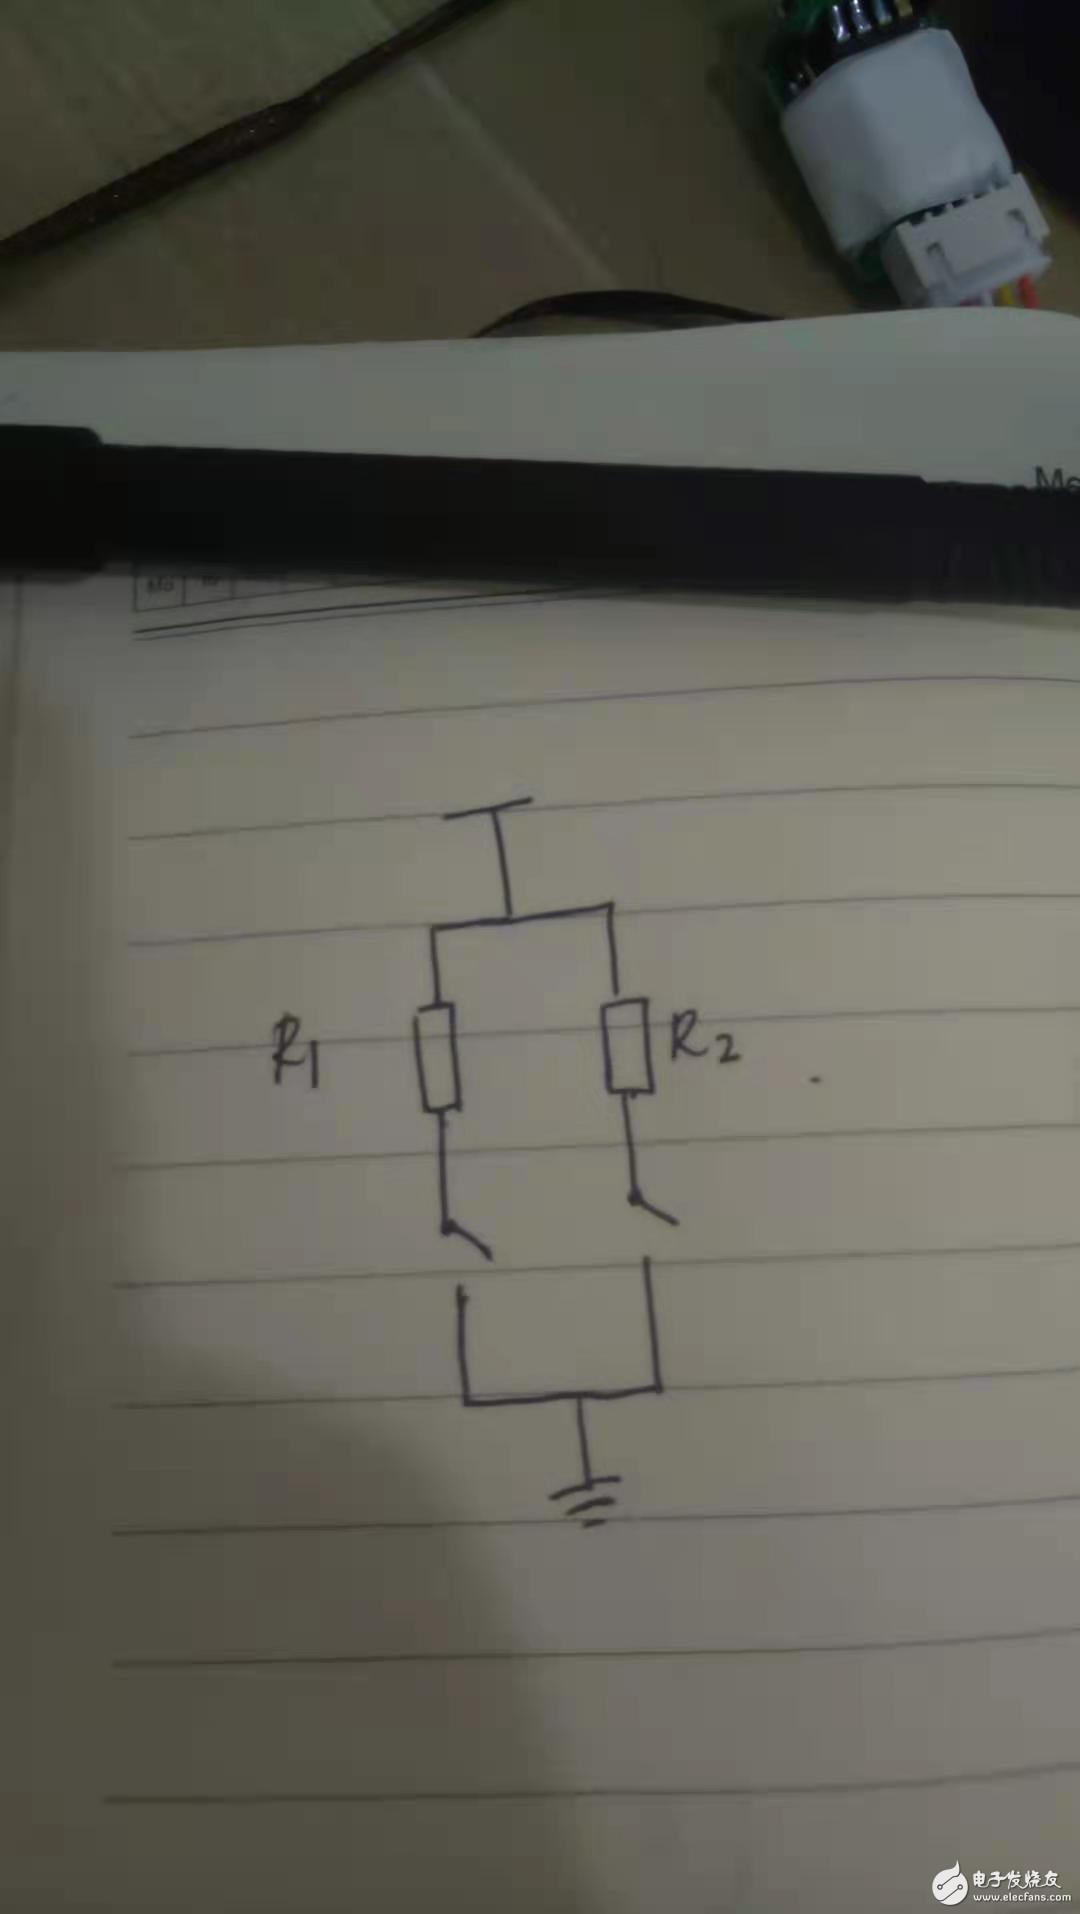 如何控制电阻的选通,比如我要切换R1 R2的通断怎么设计电路